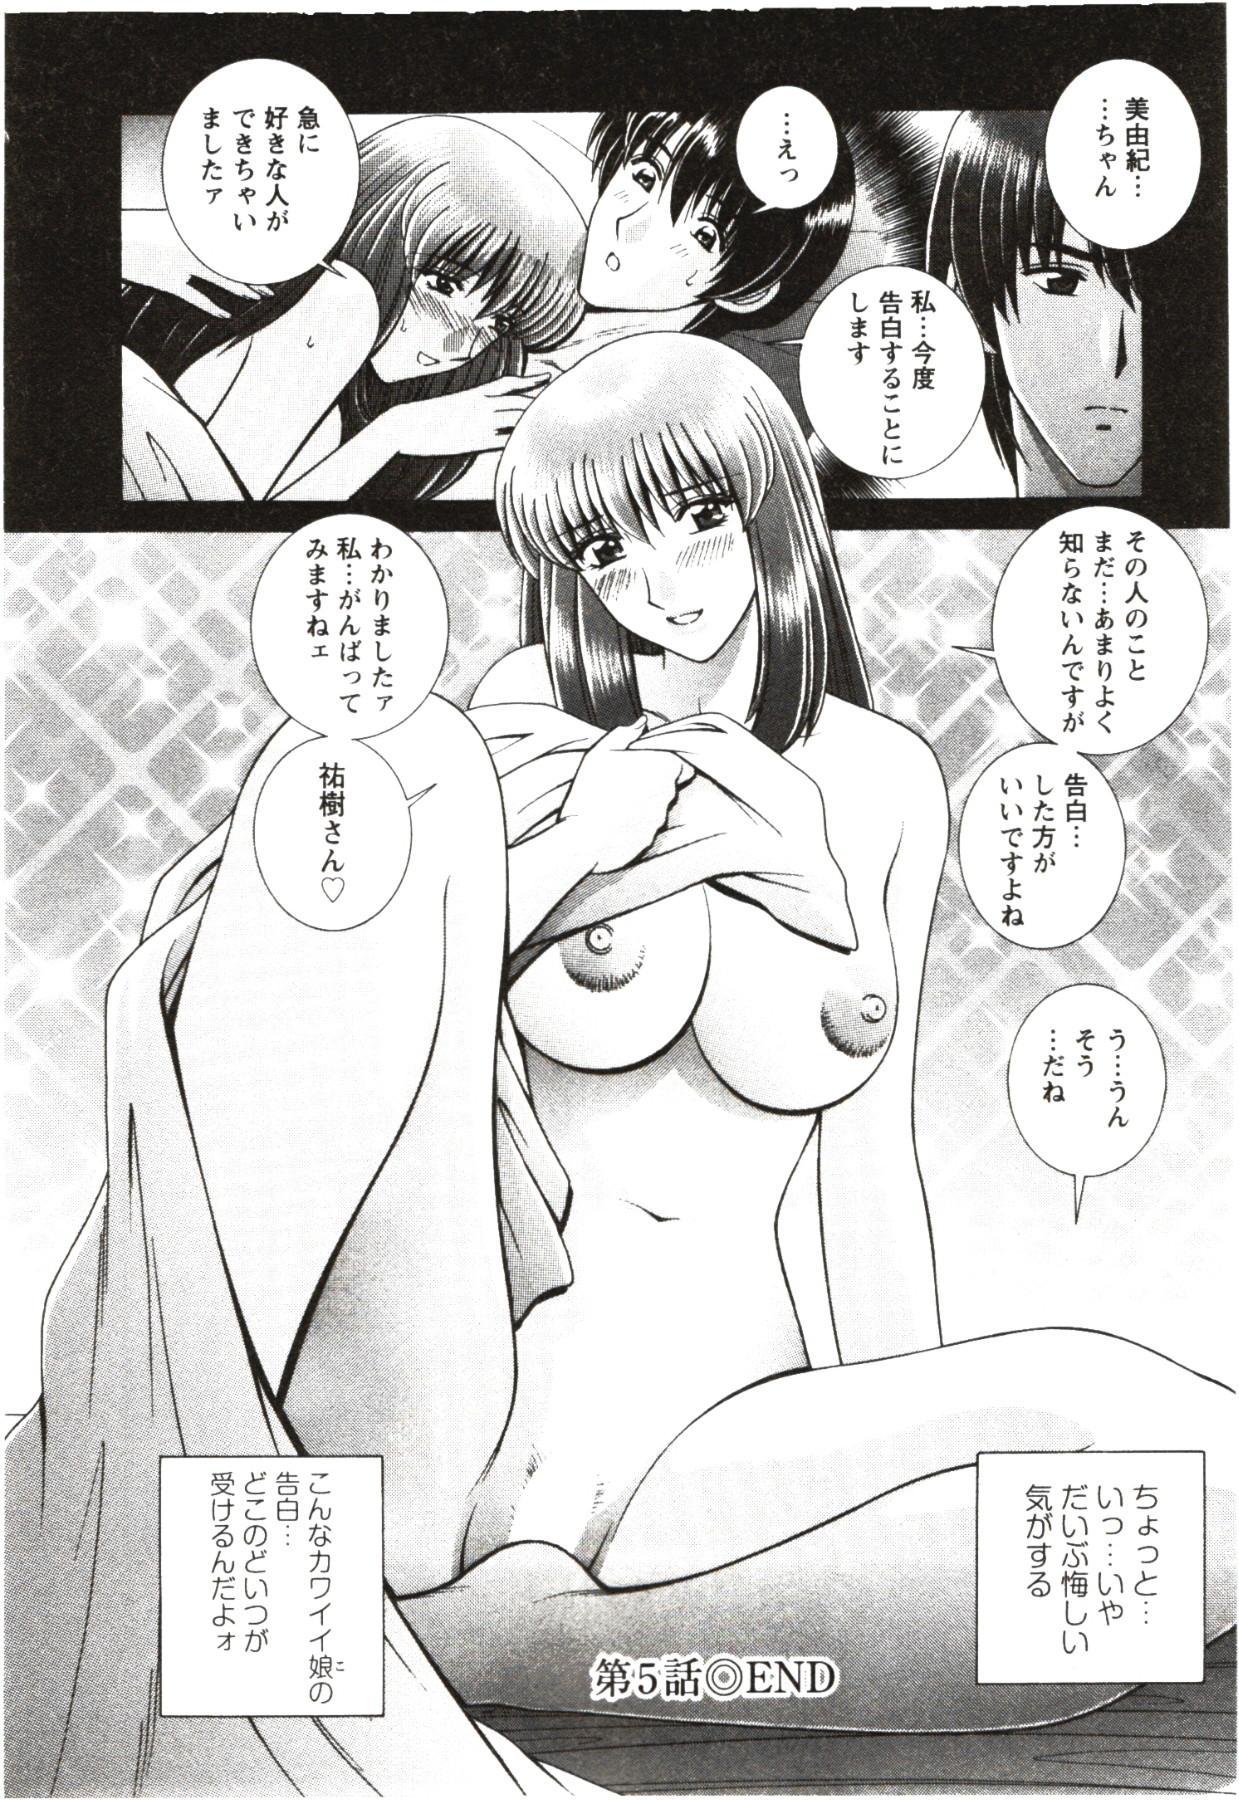 Futarigurashi 95